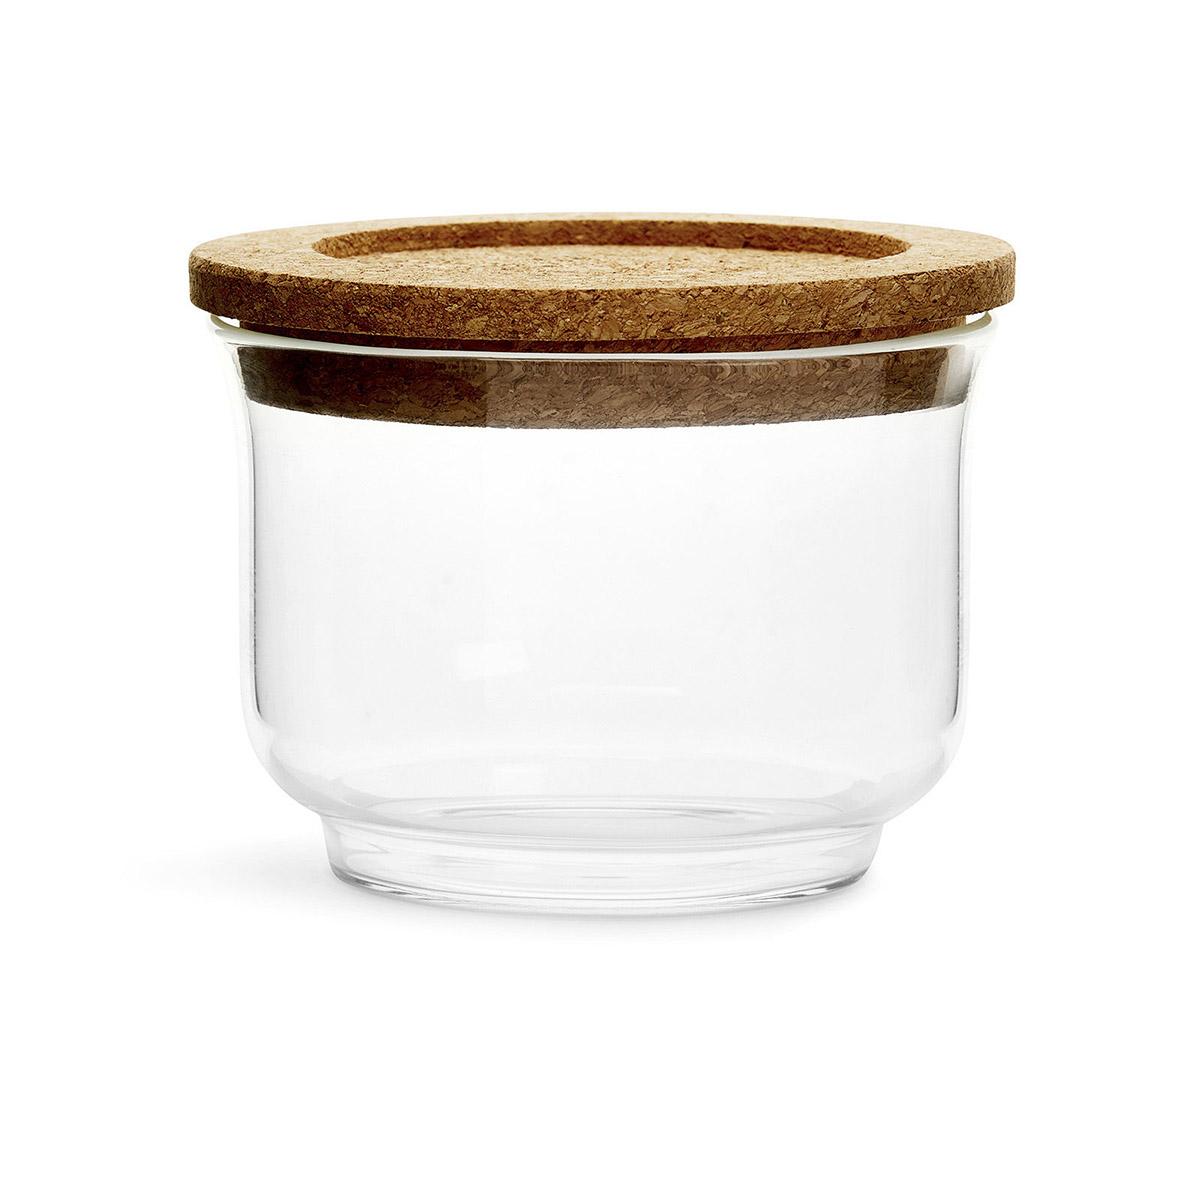 szklany pojemnik z korkową pokrywką, śred. 11,5 x 8,5 cm